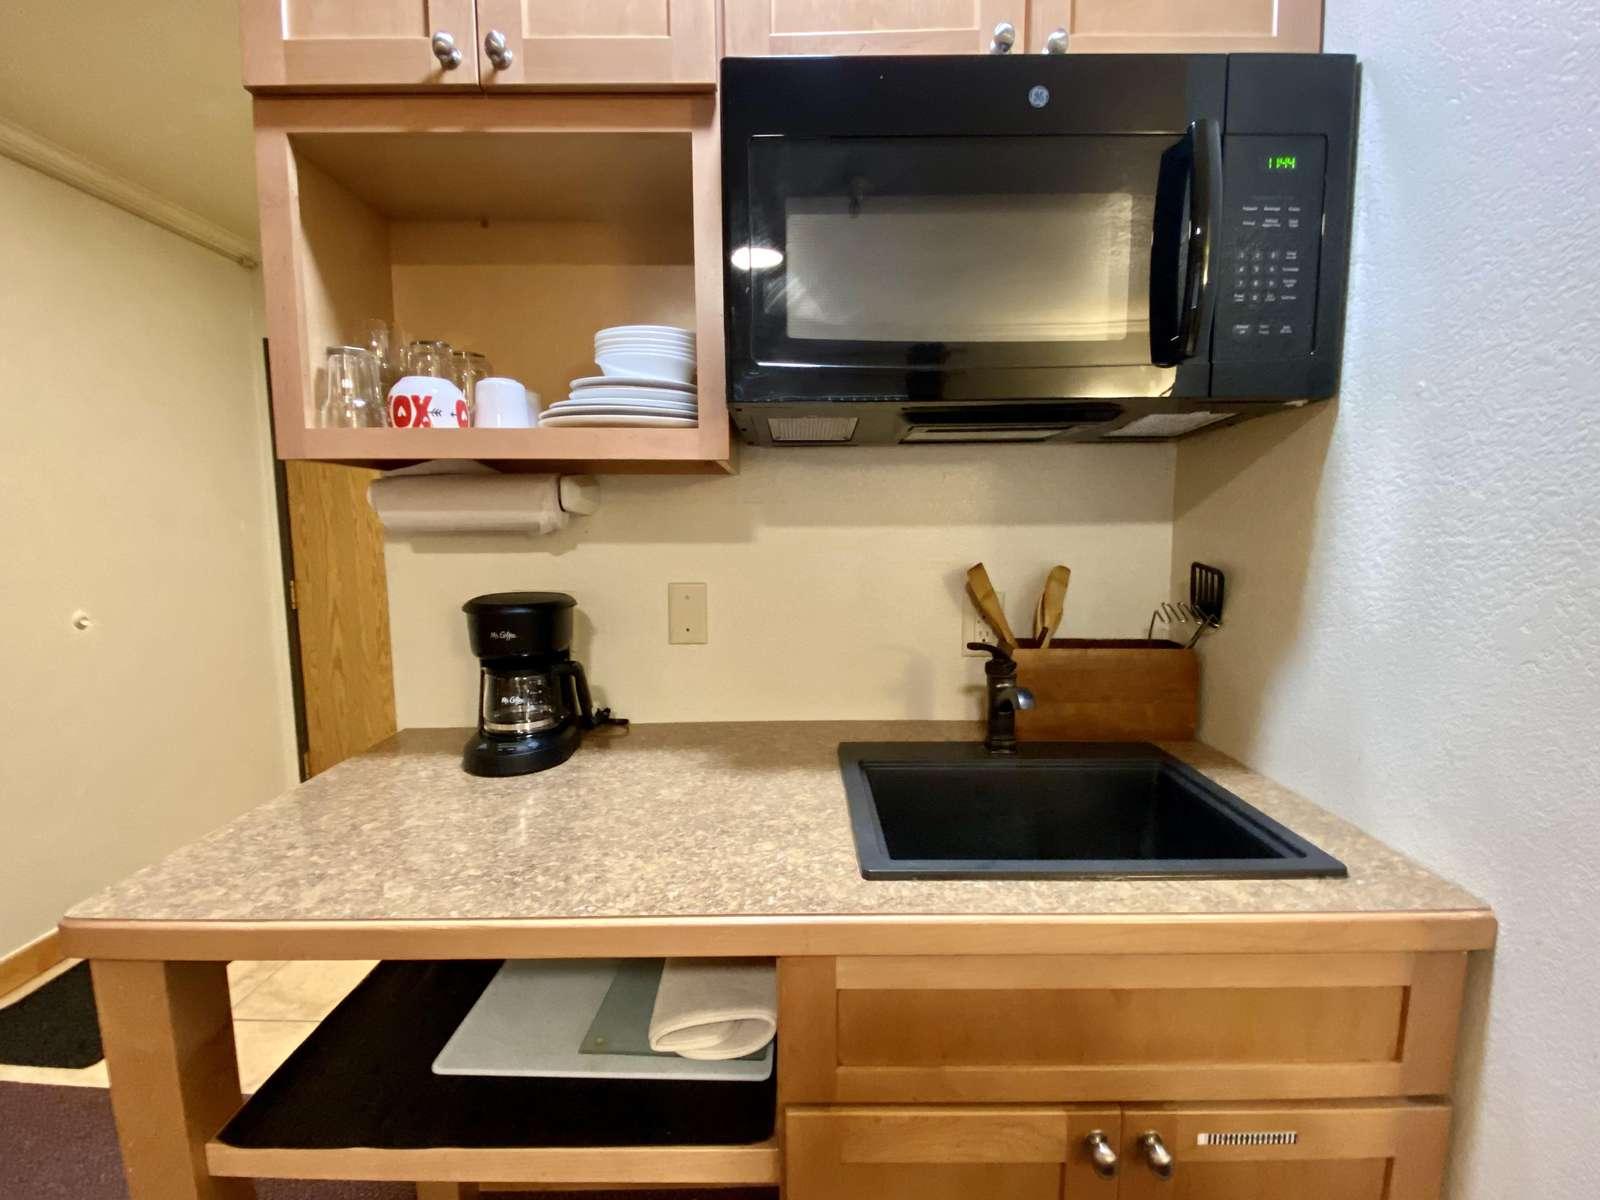 Kitchenette Basics